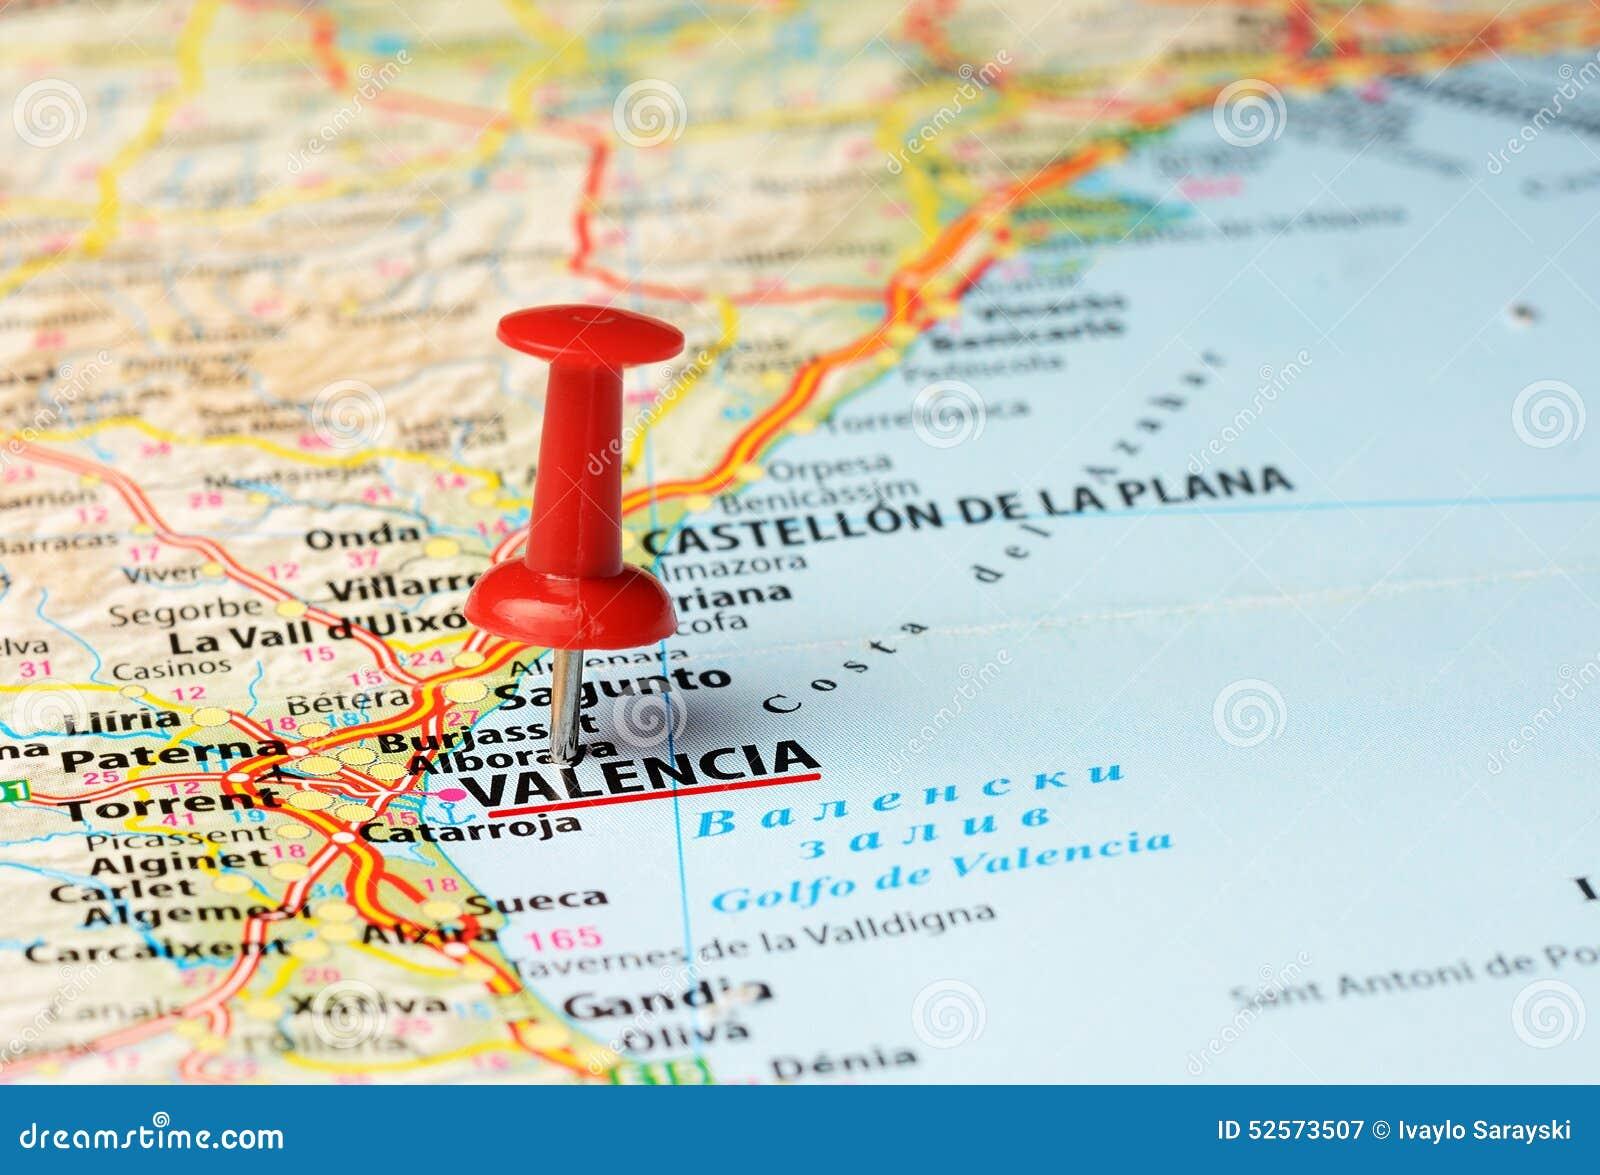 Valensiya Karta Ispanii Stokovoe Izobrazhenie Izobrazhenie